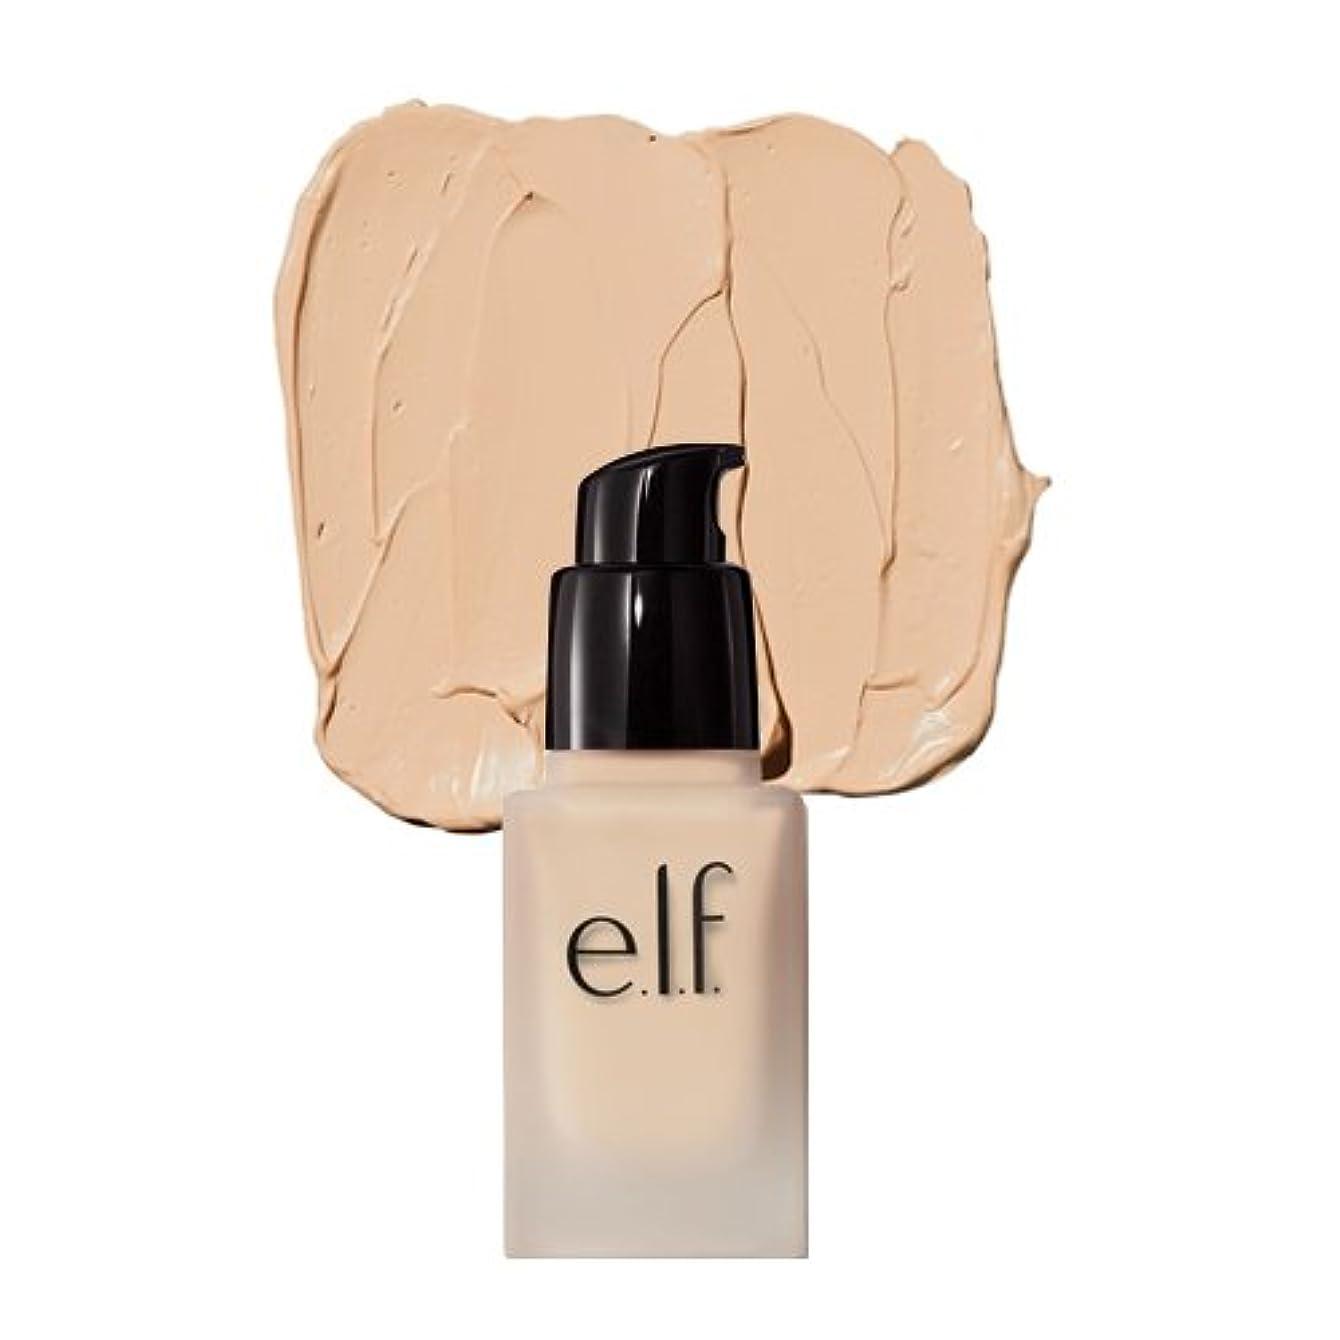 関係付添人シーズン(3 Pack) e.l.f. Oil Free Flawless Finish Foundation - Light Ivory (並行輸入品)